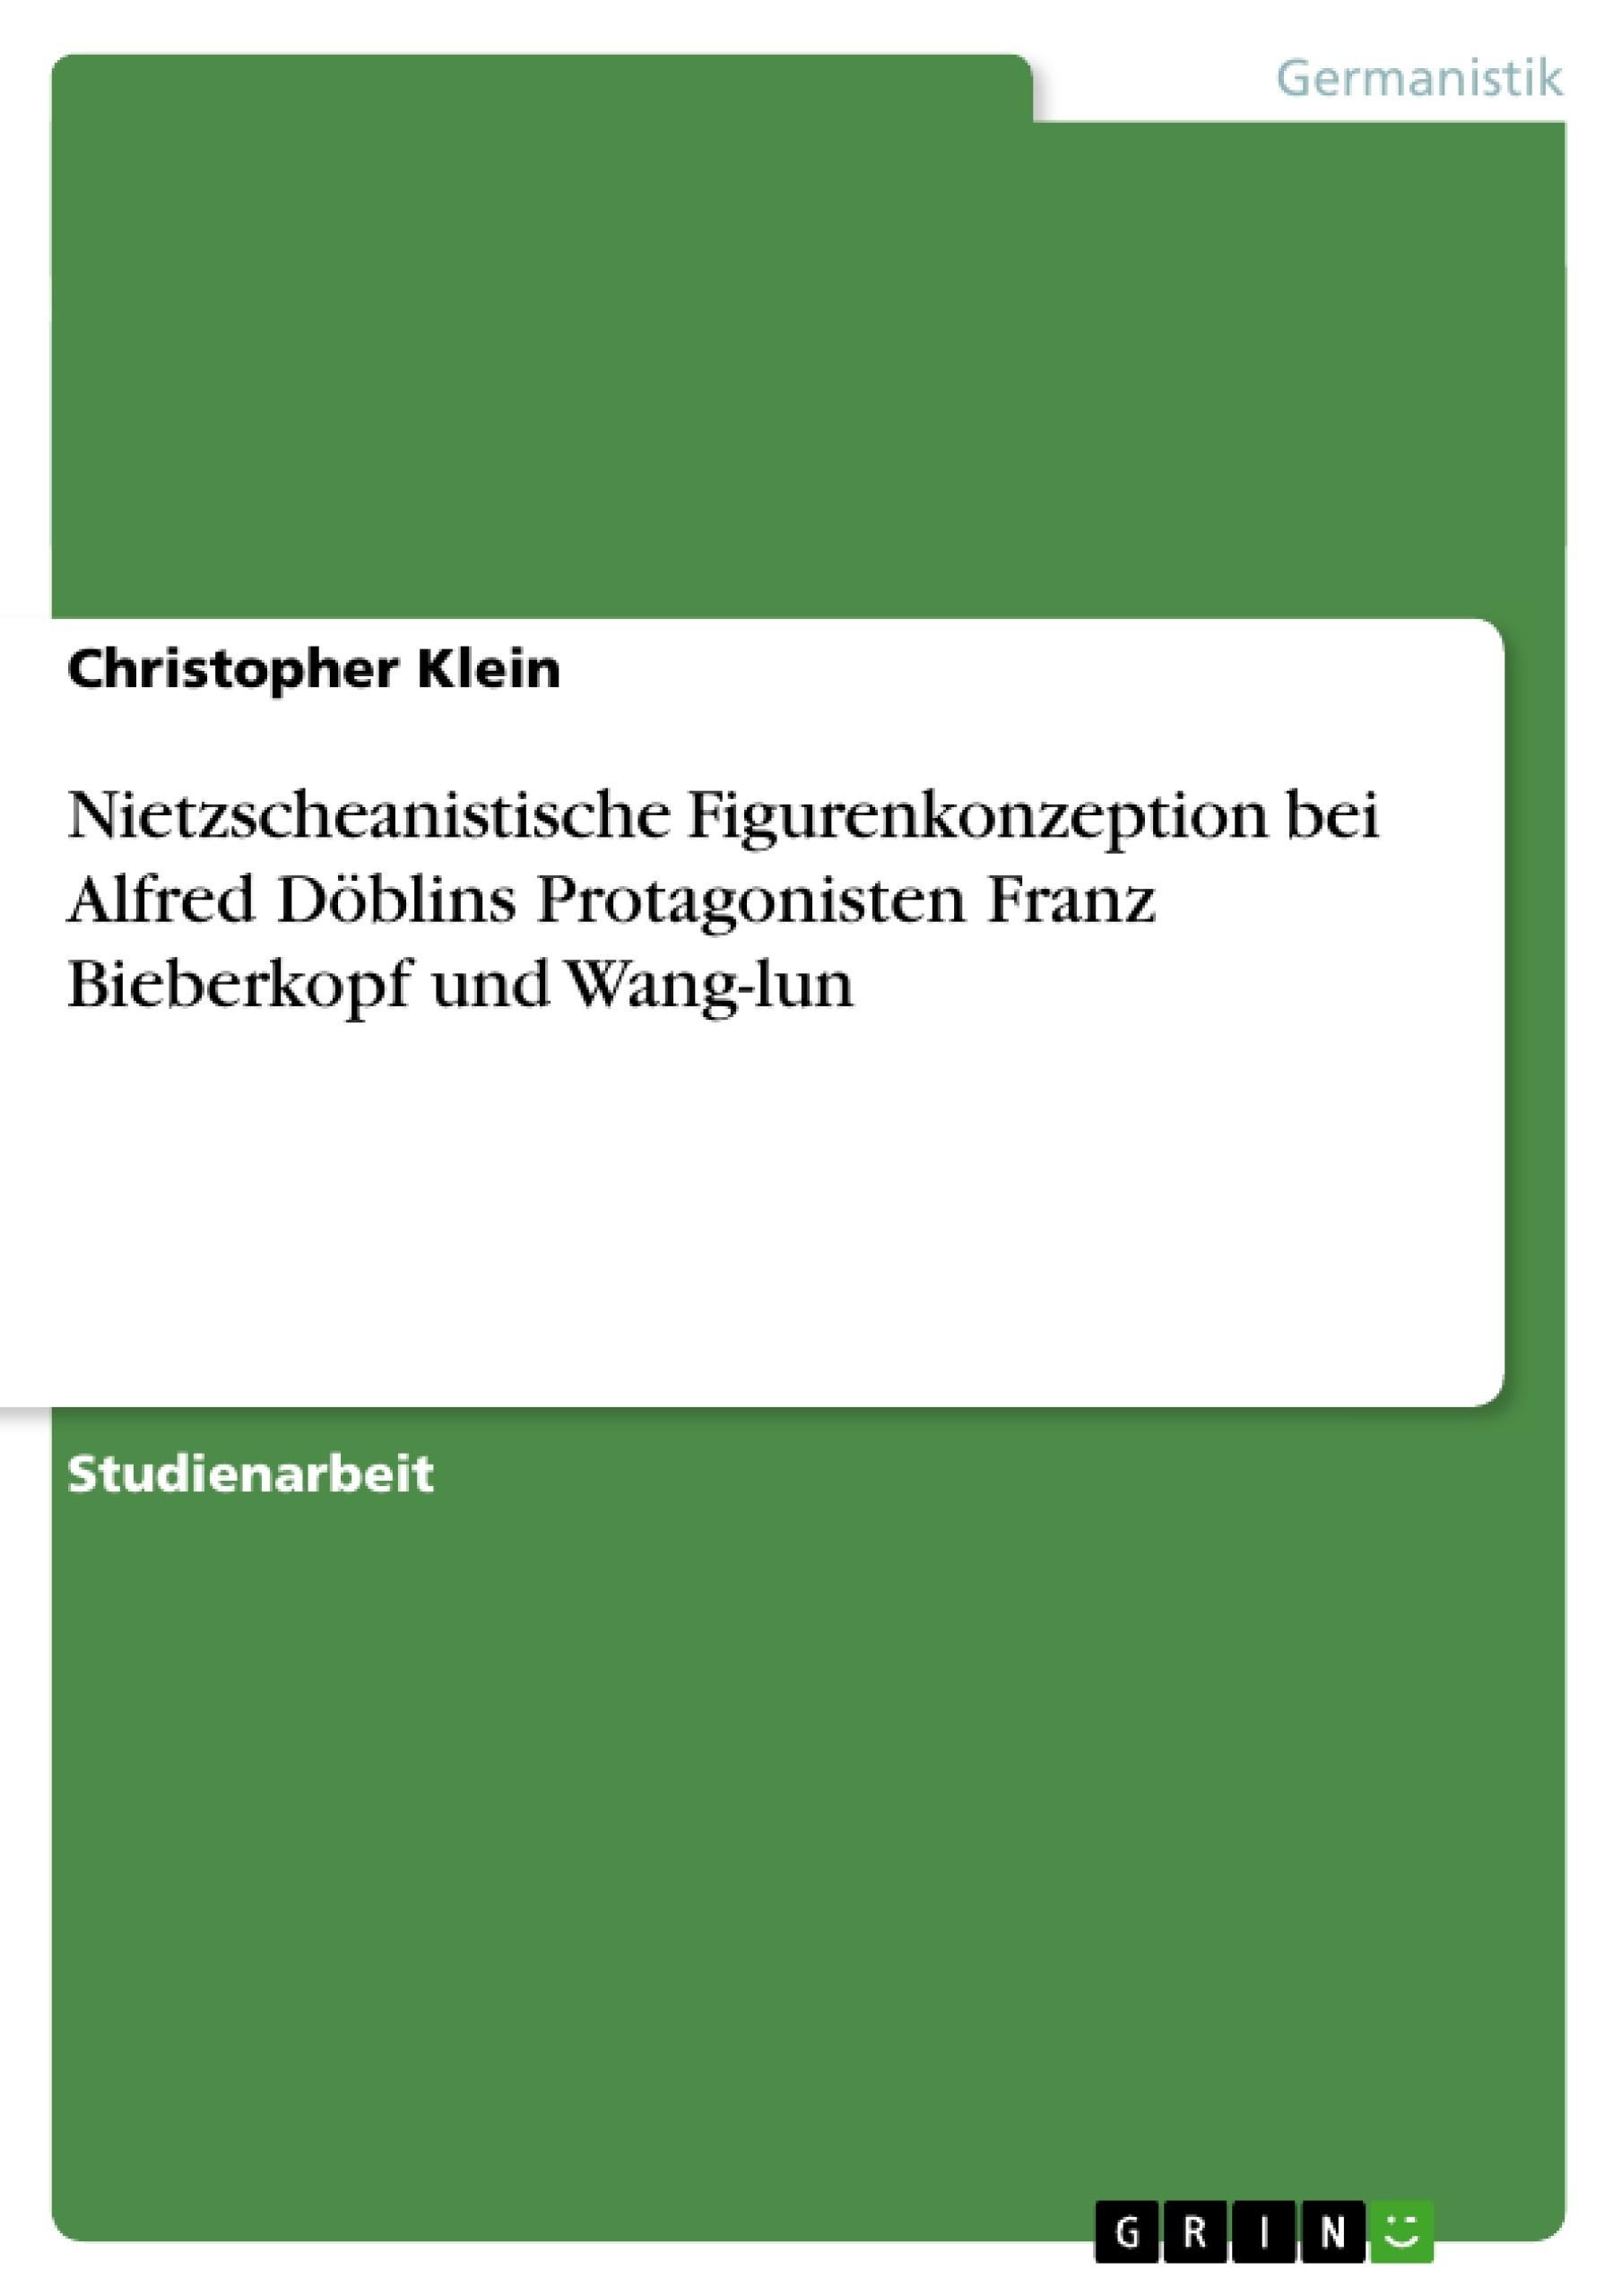 Titel: Nietzscheanistische Figurenkonzeption bei Alfred Döblins Protagonisten Franz Bieberkopf und Wang-lun